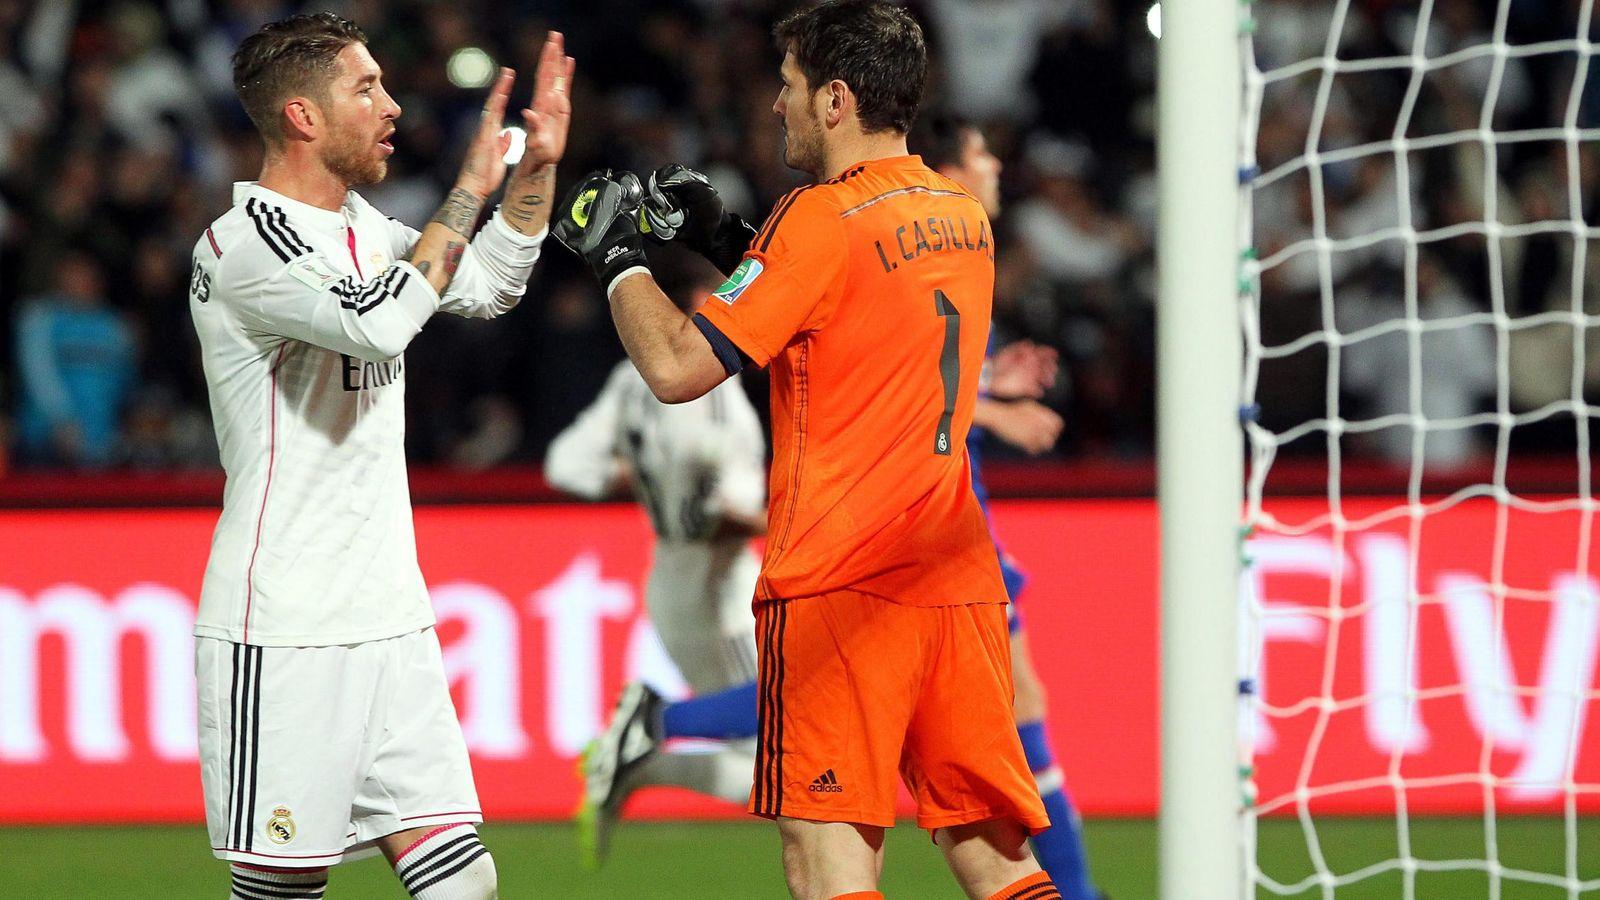 Foto: Ramos y Casillas se saludan durante un partido del Real Madrid. (EFE)